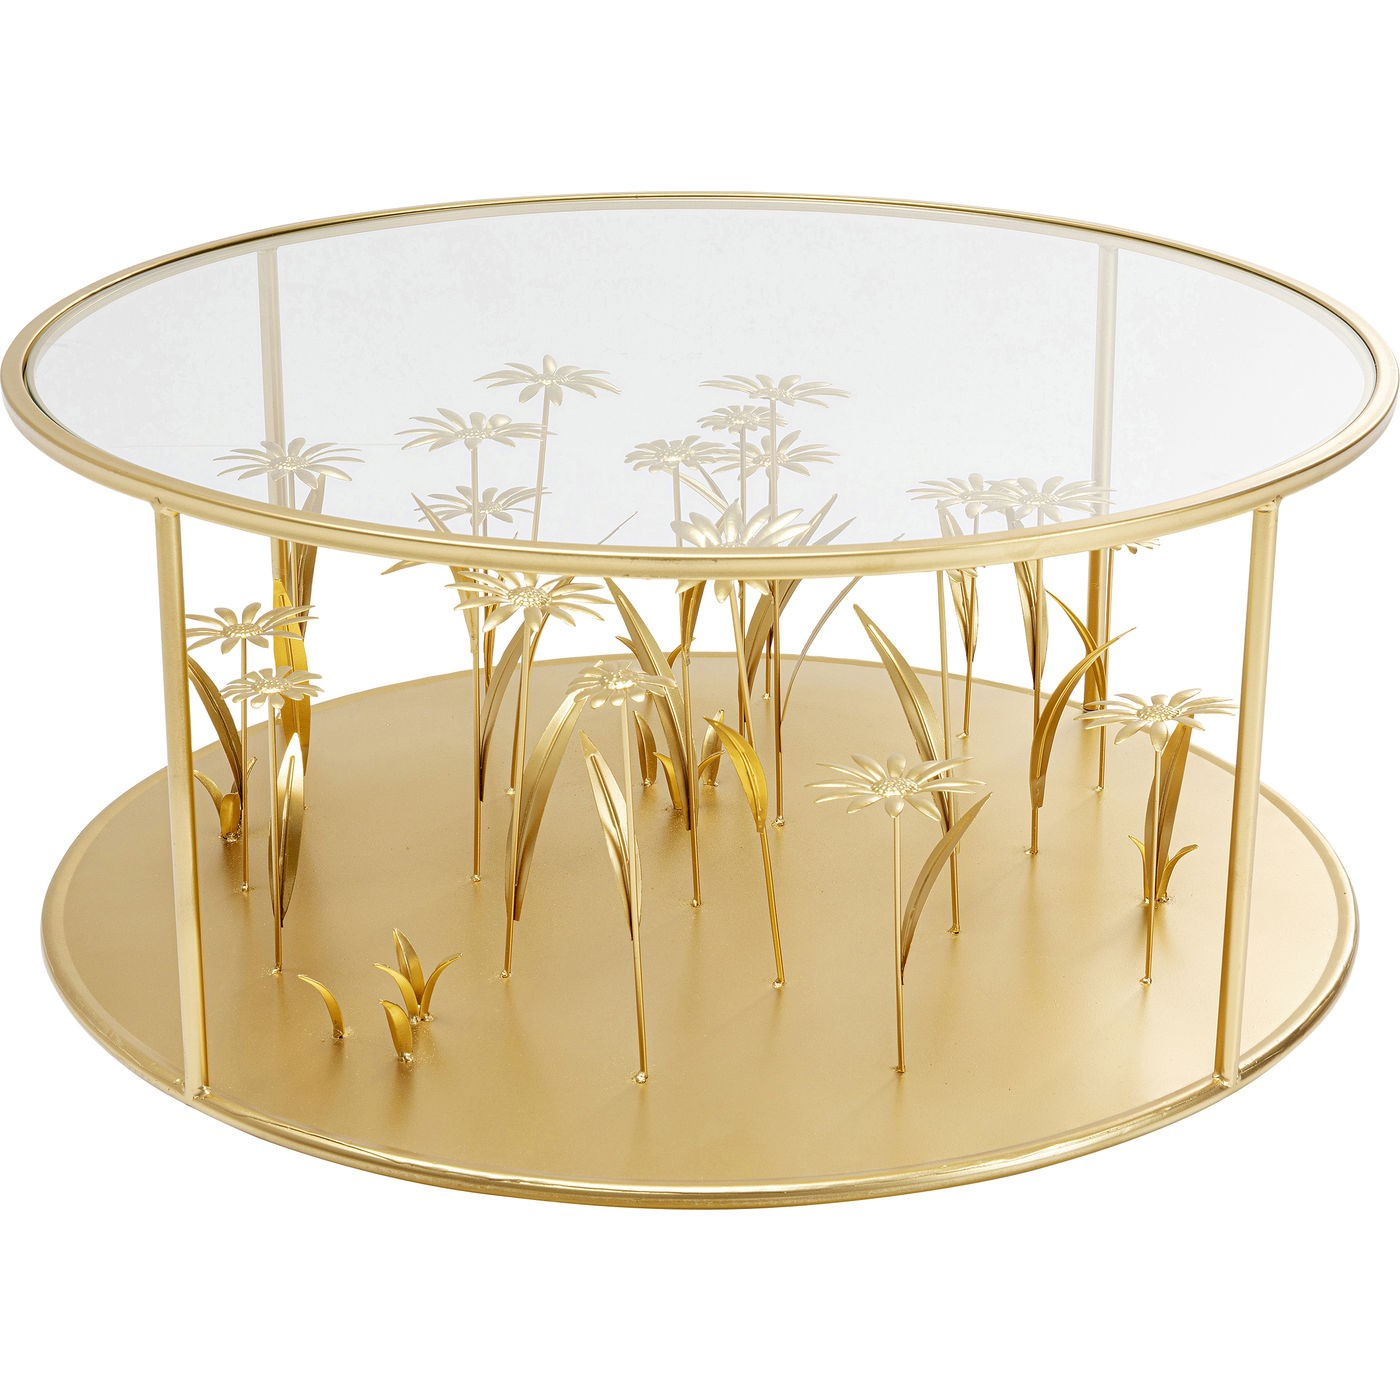 Table basse ronde en verre et acier doré fleurs en relief D80